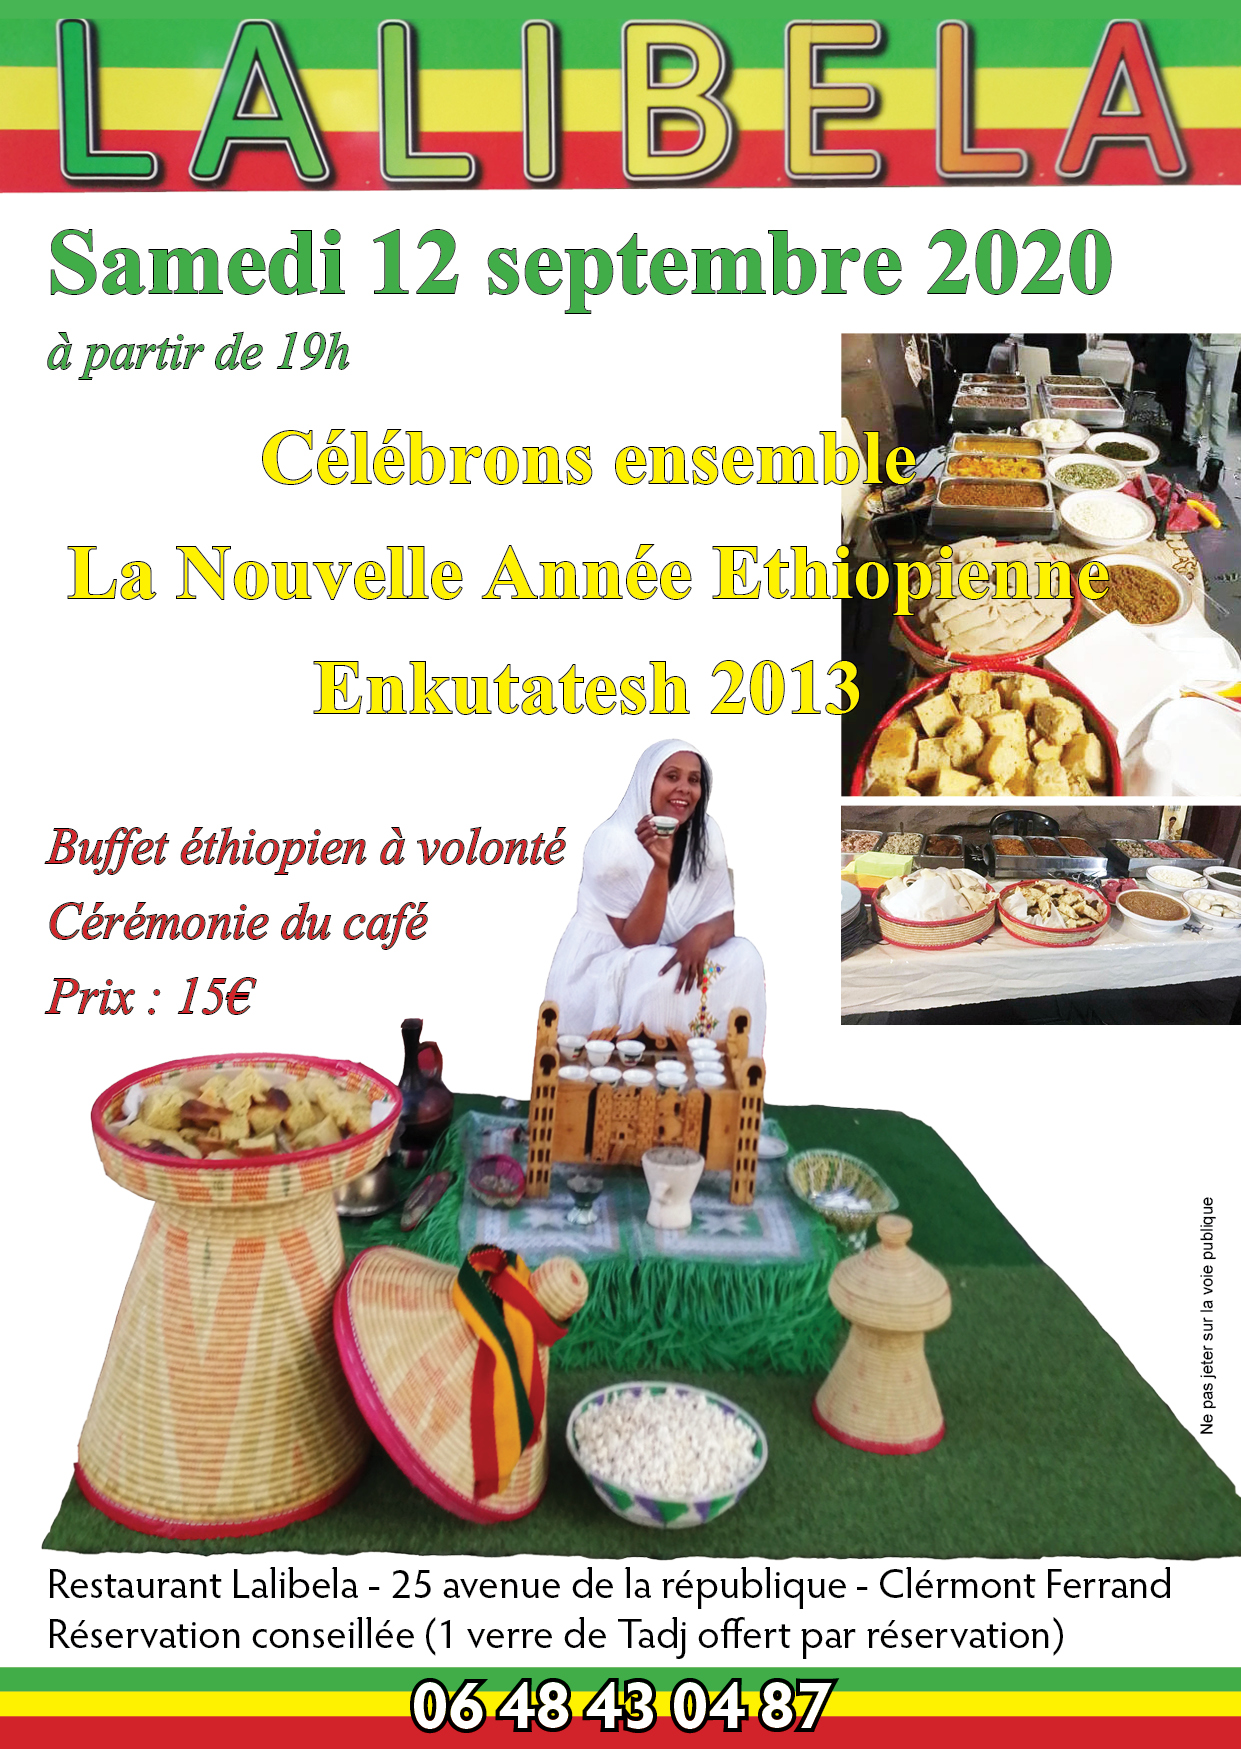 Lalibela Restaurant Ethiopien à Clermont Ferrand France 63000